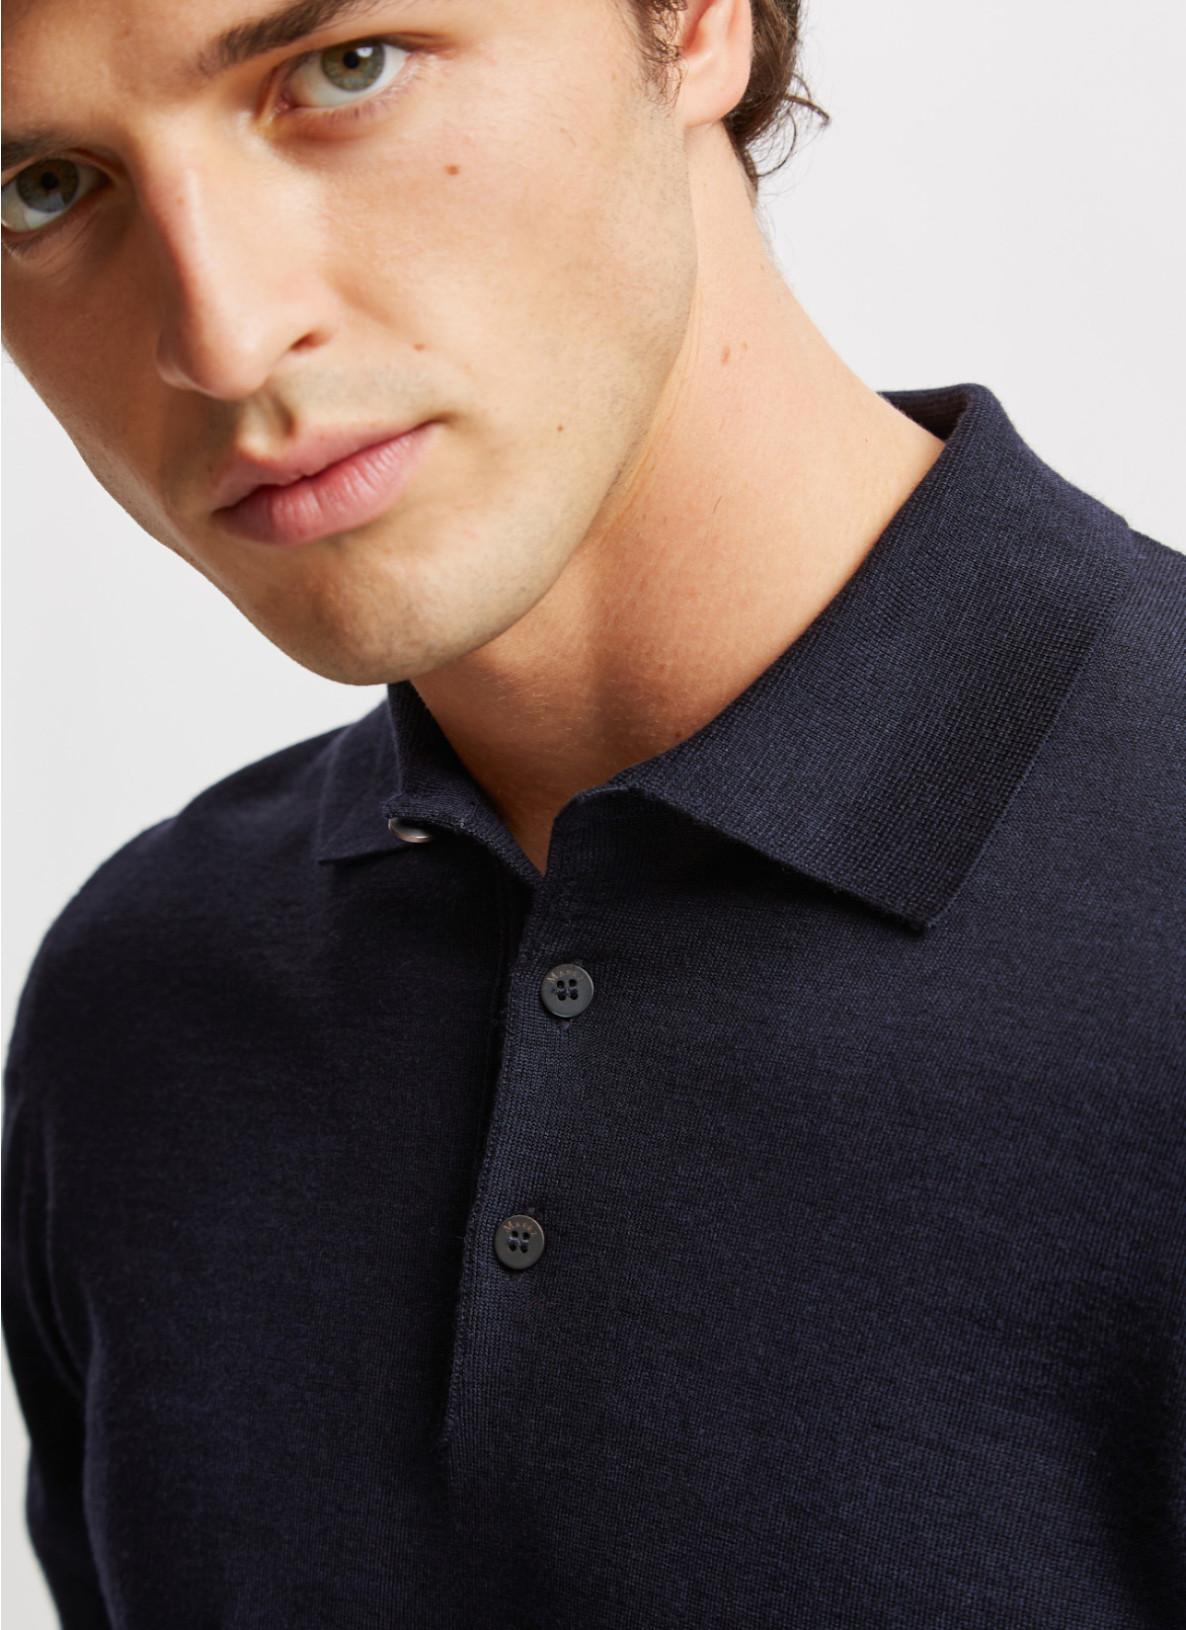 Pullover Polokragen, Knopf 1/1 Arm, NavyDetailansicht 1